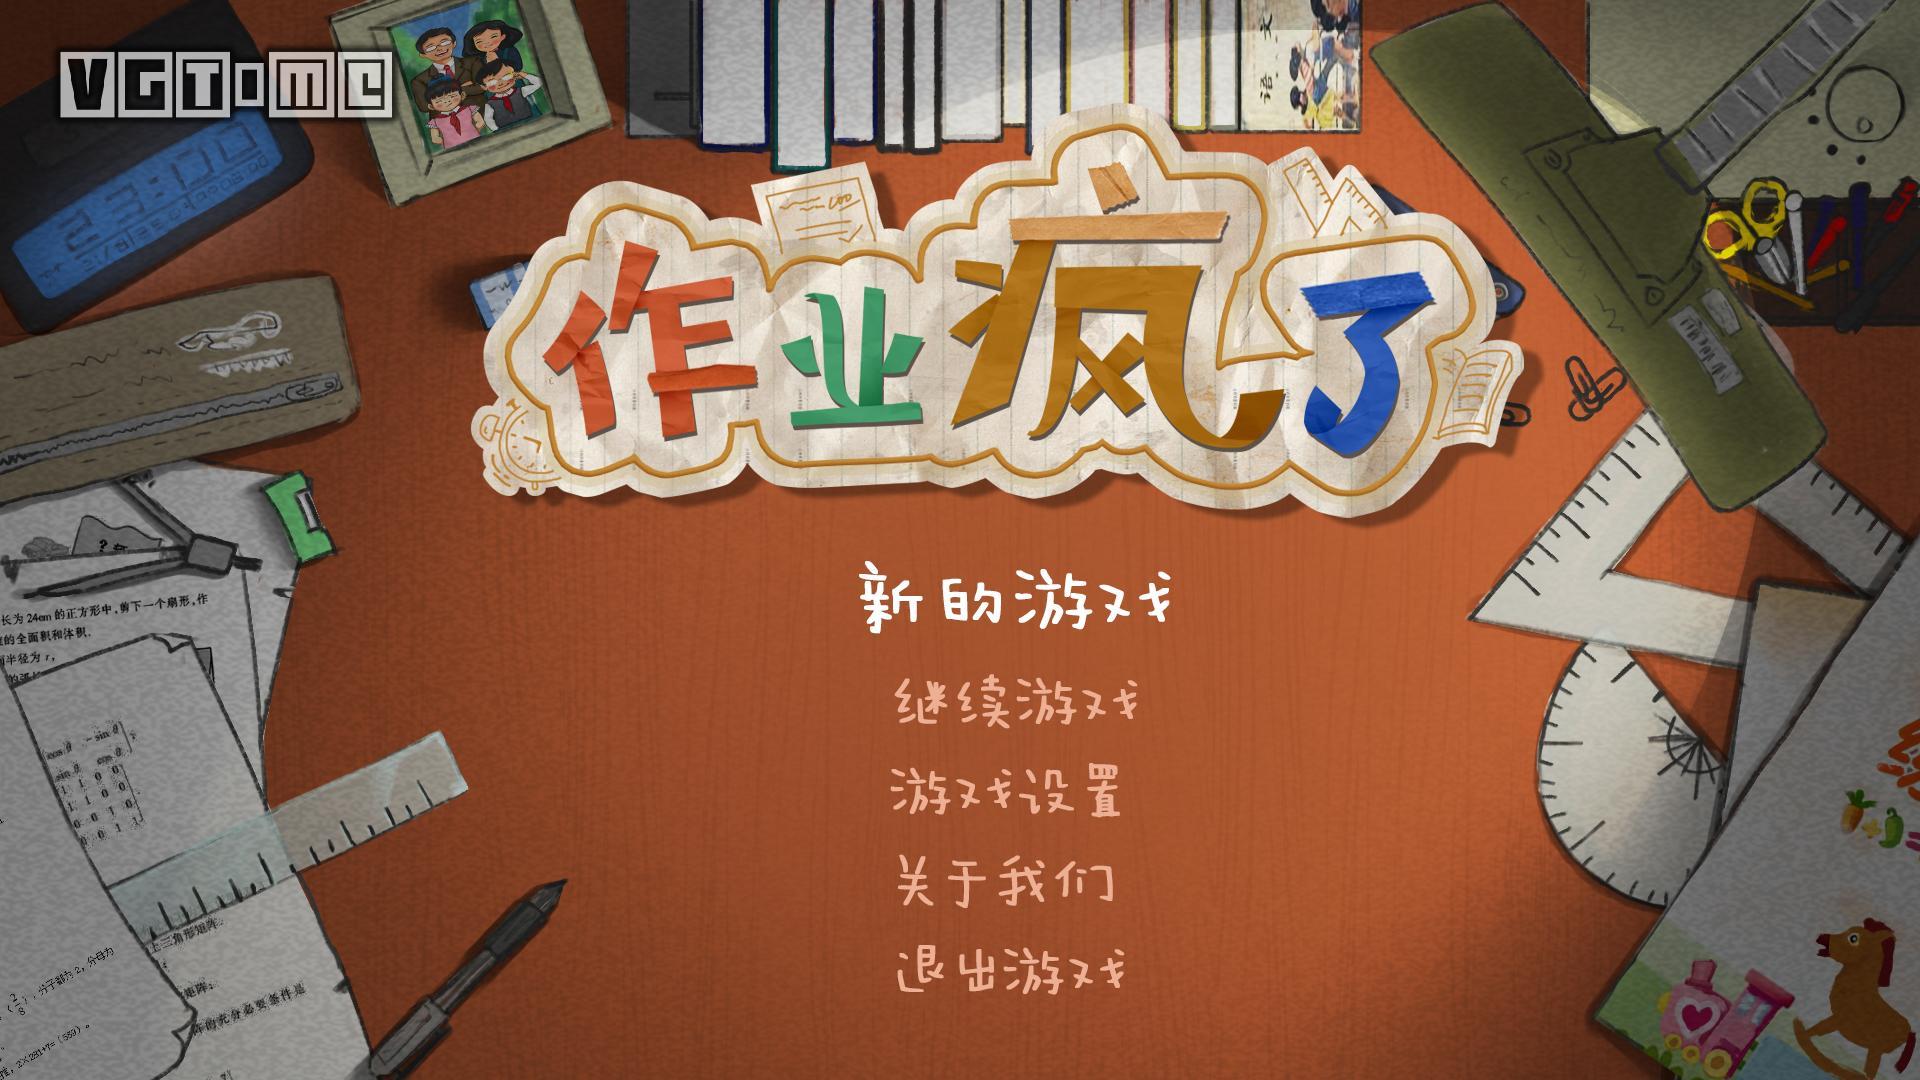 模拟游戏《作业疯了》公布 让你当一次中国式小学生